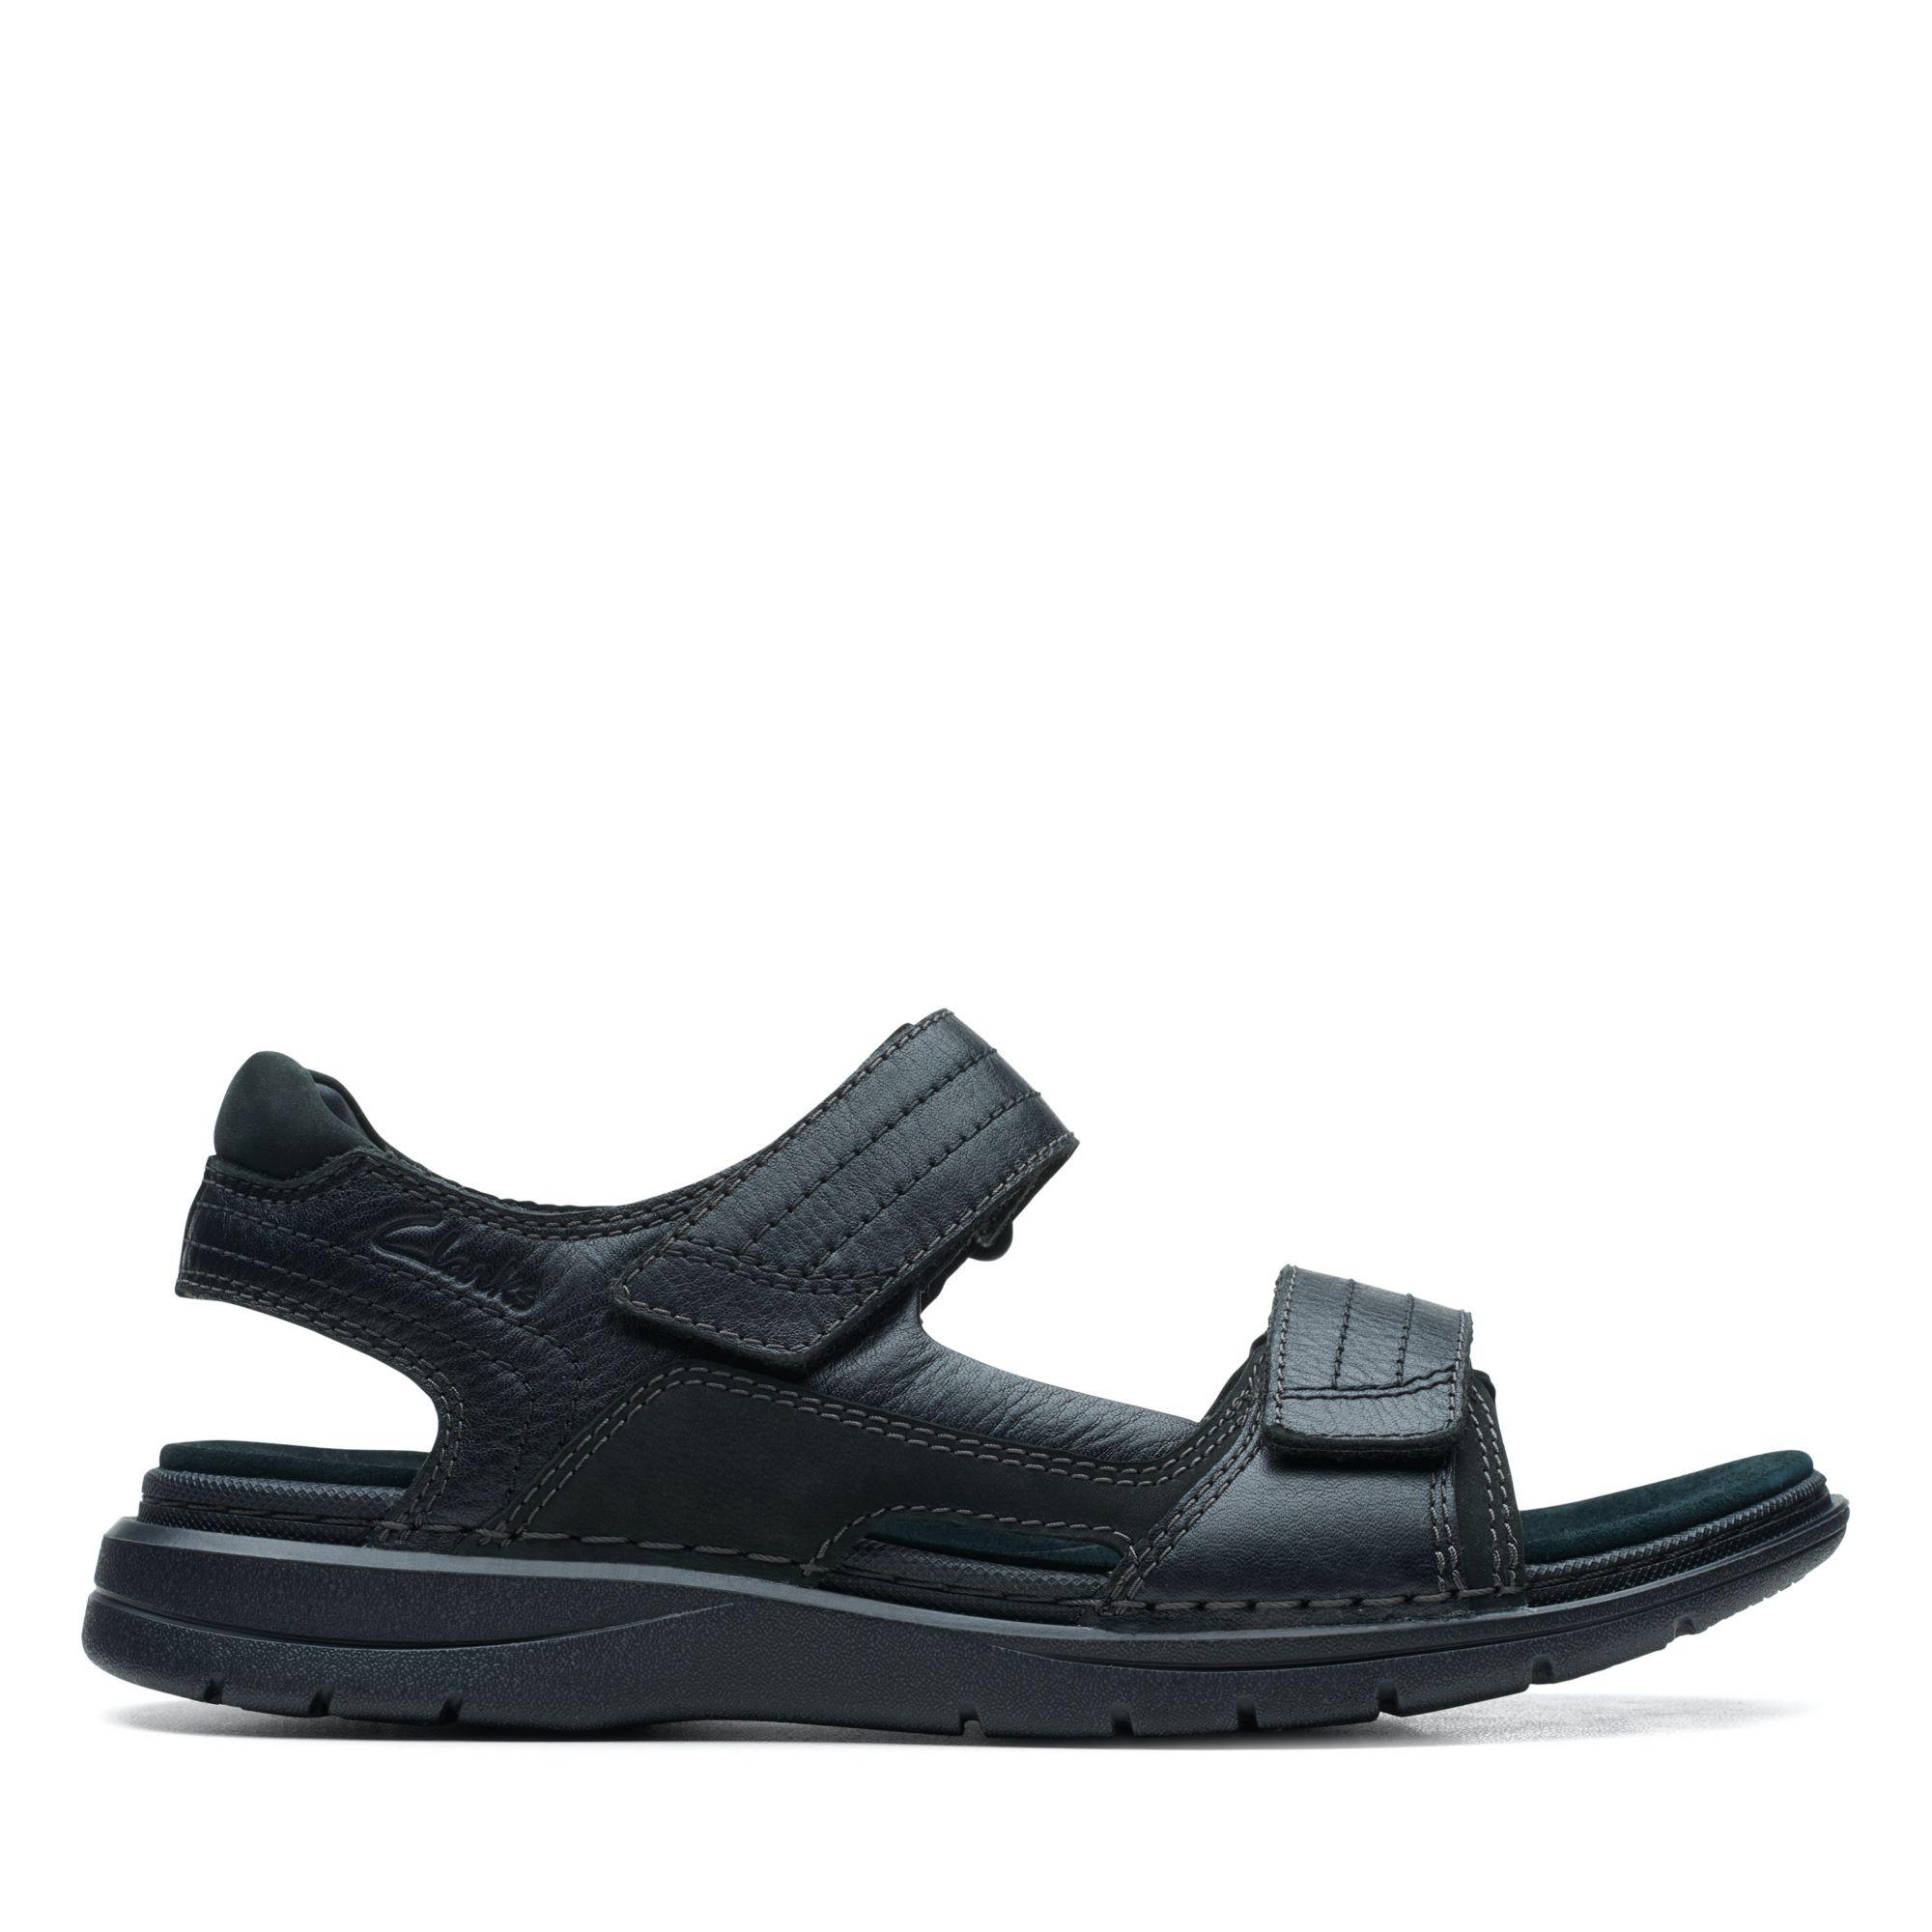 Clarks-UN自然家族-Nature Trek異材質拼接摩鬼氈設計涼鞋(黑色)